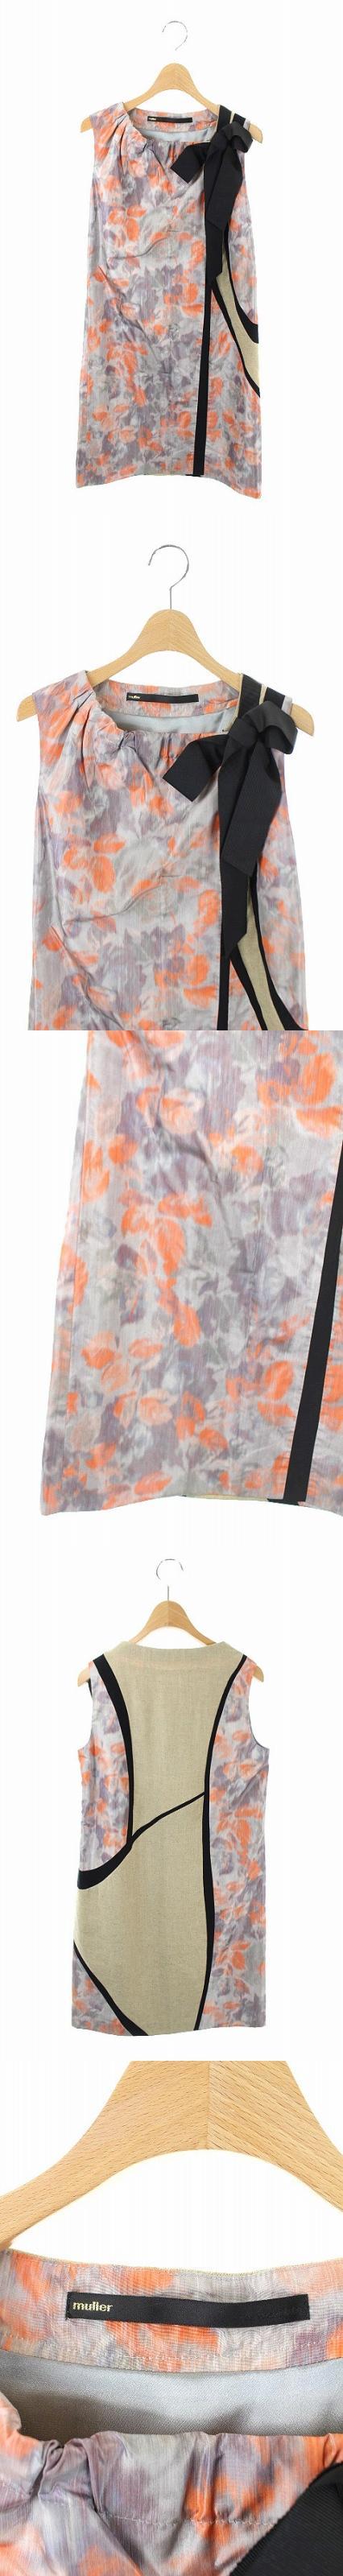 ワンピース リボン装飾 シルク混 ひざ丈 ノースリーブ 36 グレー オレンジ ベージュ /KN ■OS